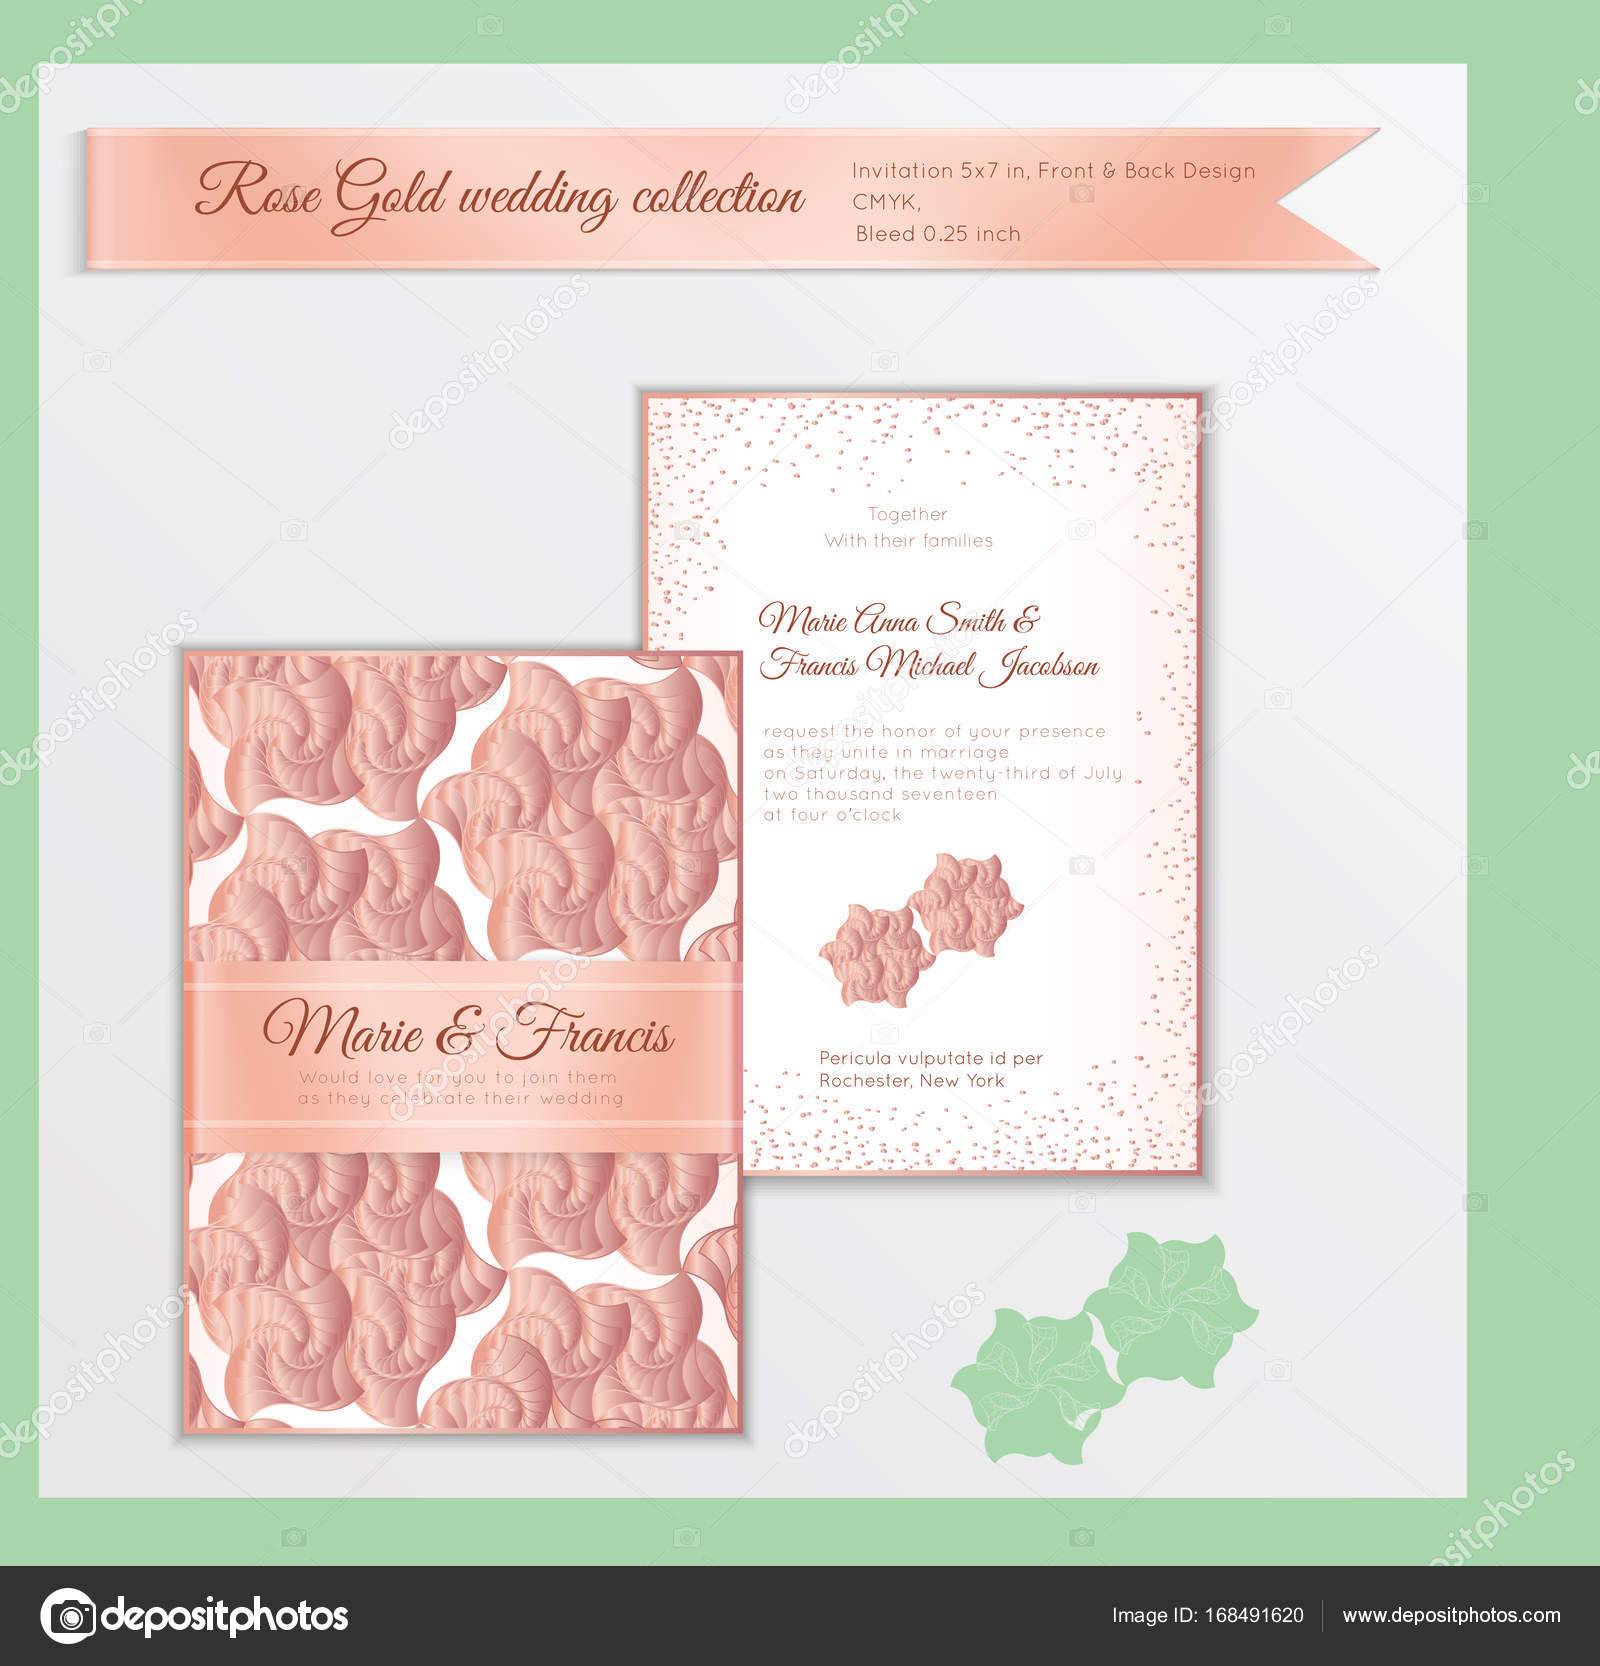 Luxus Hochzeit Einladung Vorlage Mit Rose Gold Glänzendes Realistische  Band. Hinteren Und Vorderen Kartenlayout Mit Rosa Goldenen Muster Auf Weiß.  Isoliert.